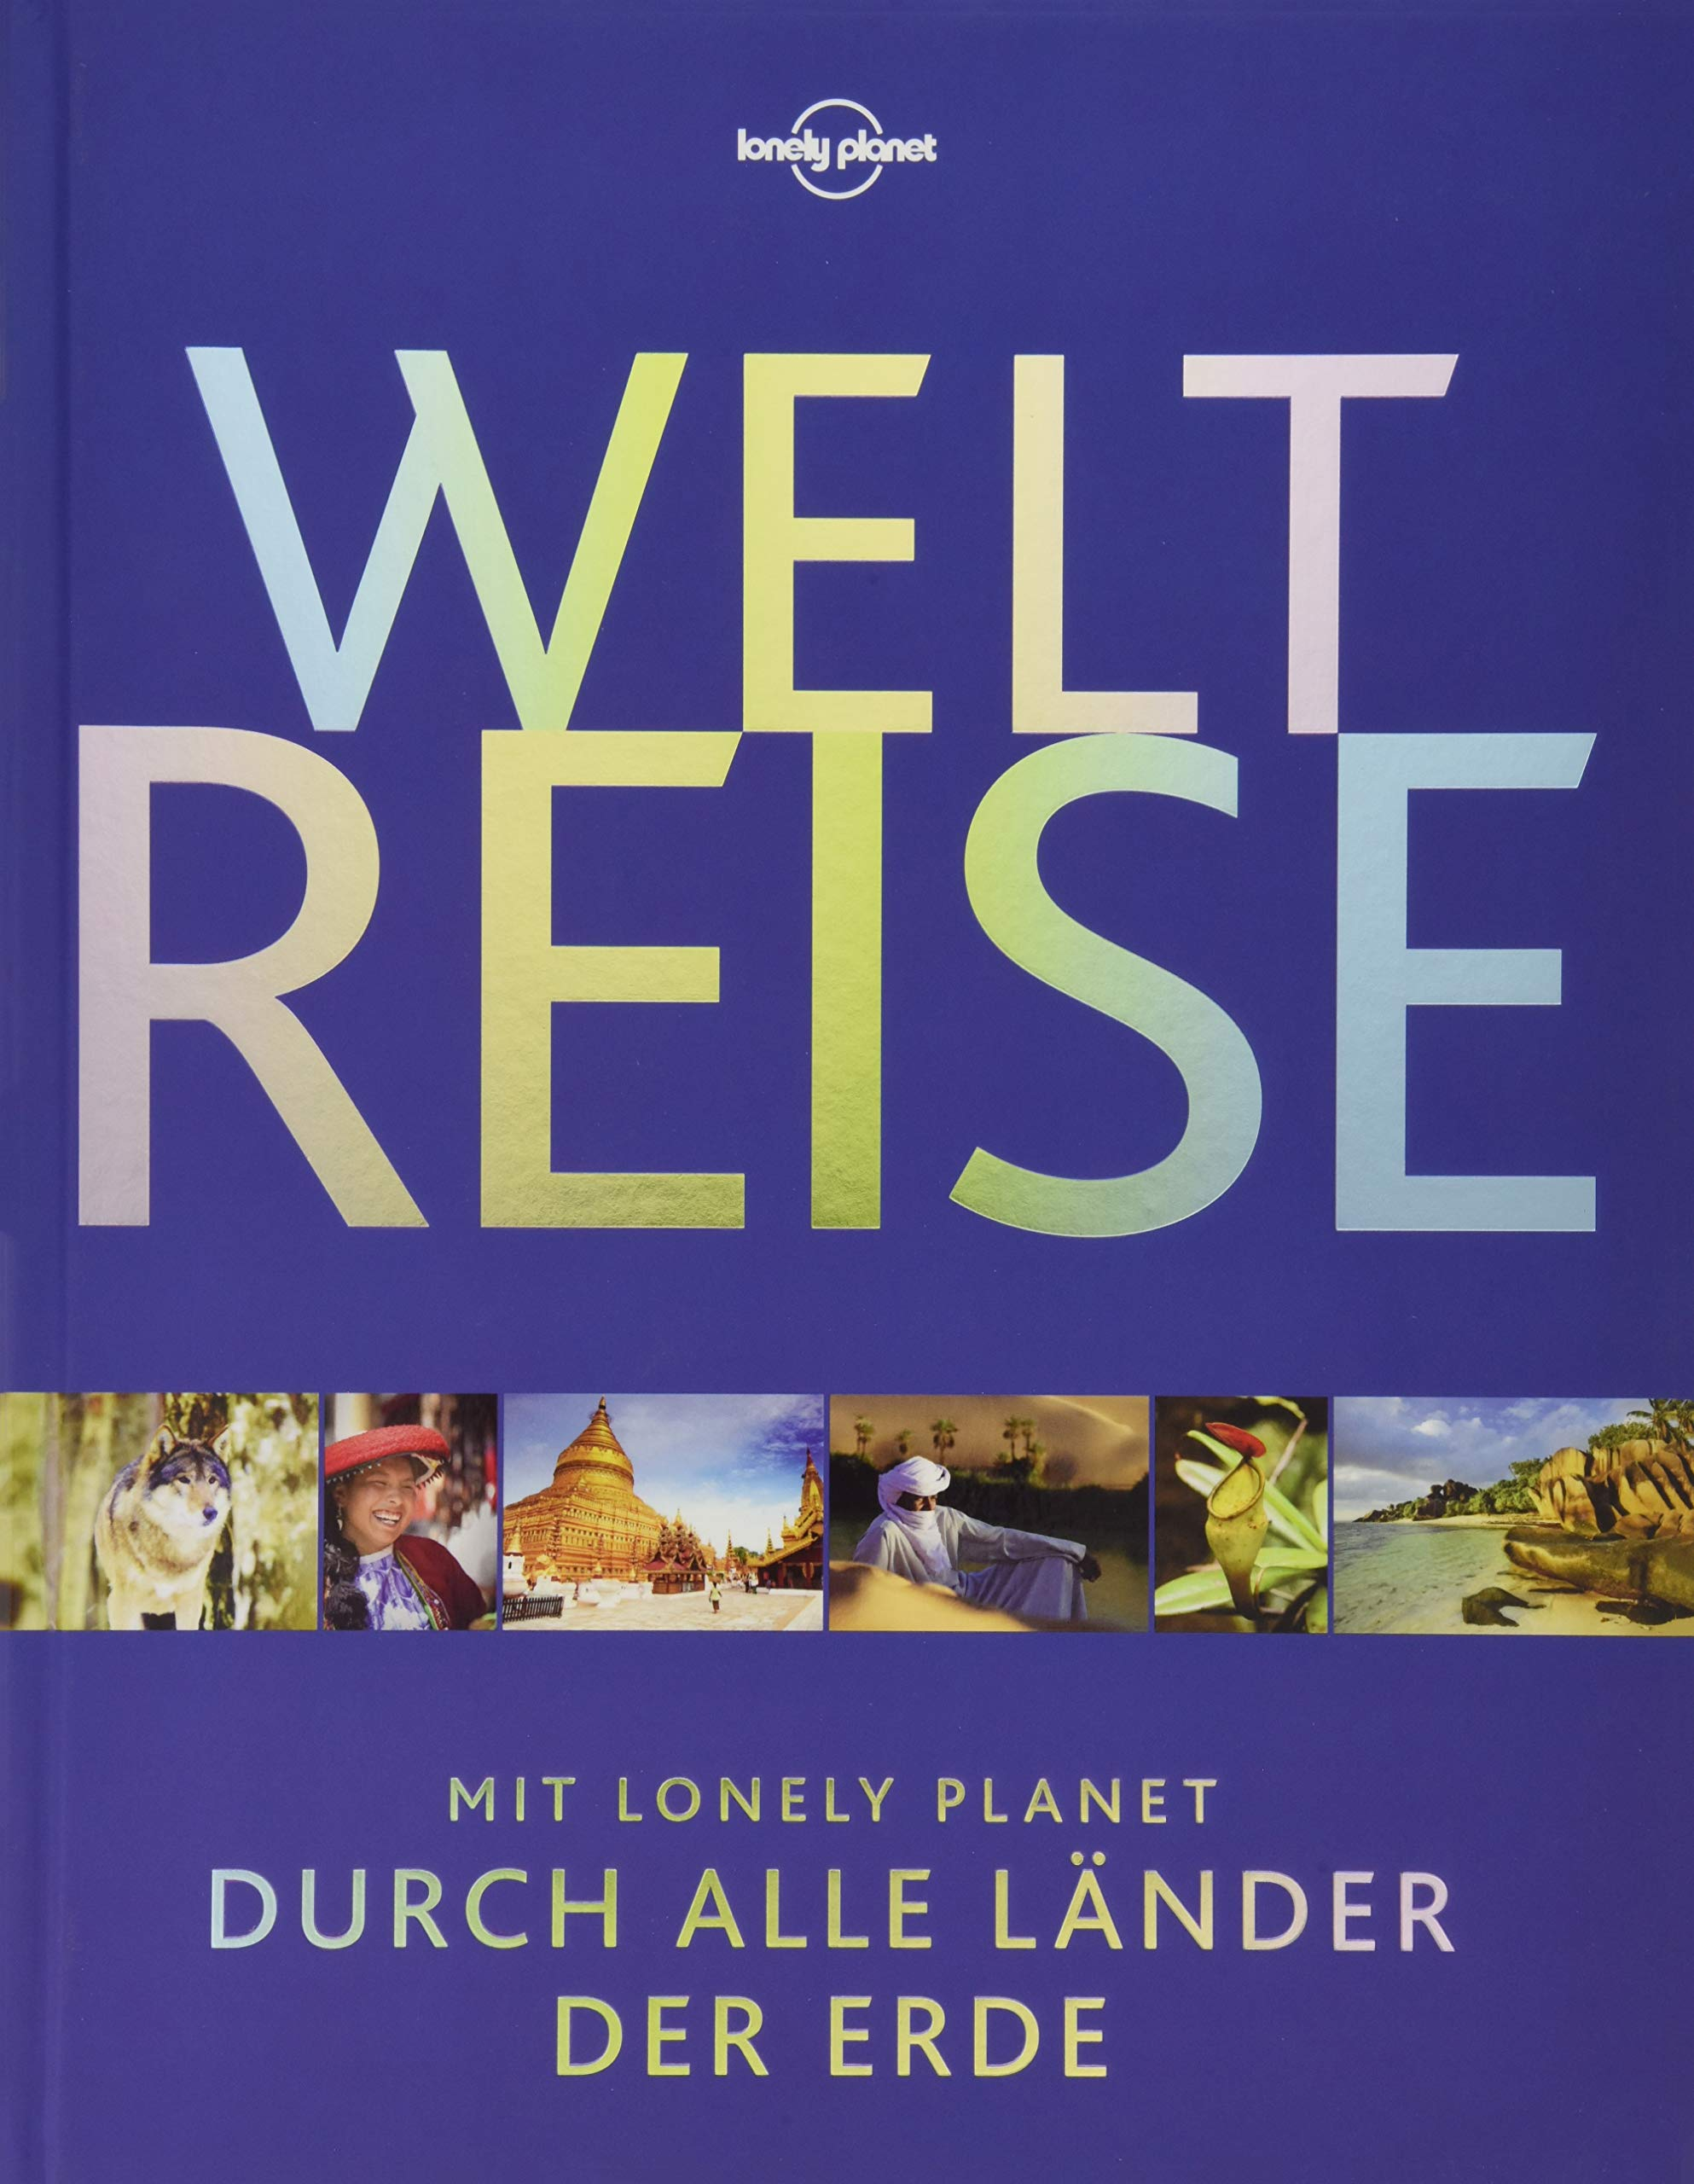 Lonely Planet Bildband Weltreise: Mit Lonely Planet durch alle Länder der Erde (Lonely Planet Reisebildbände)